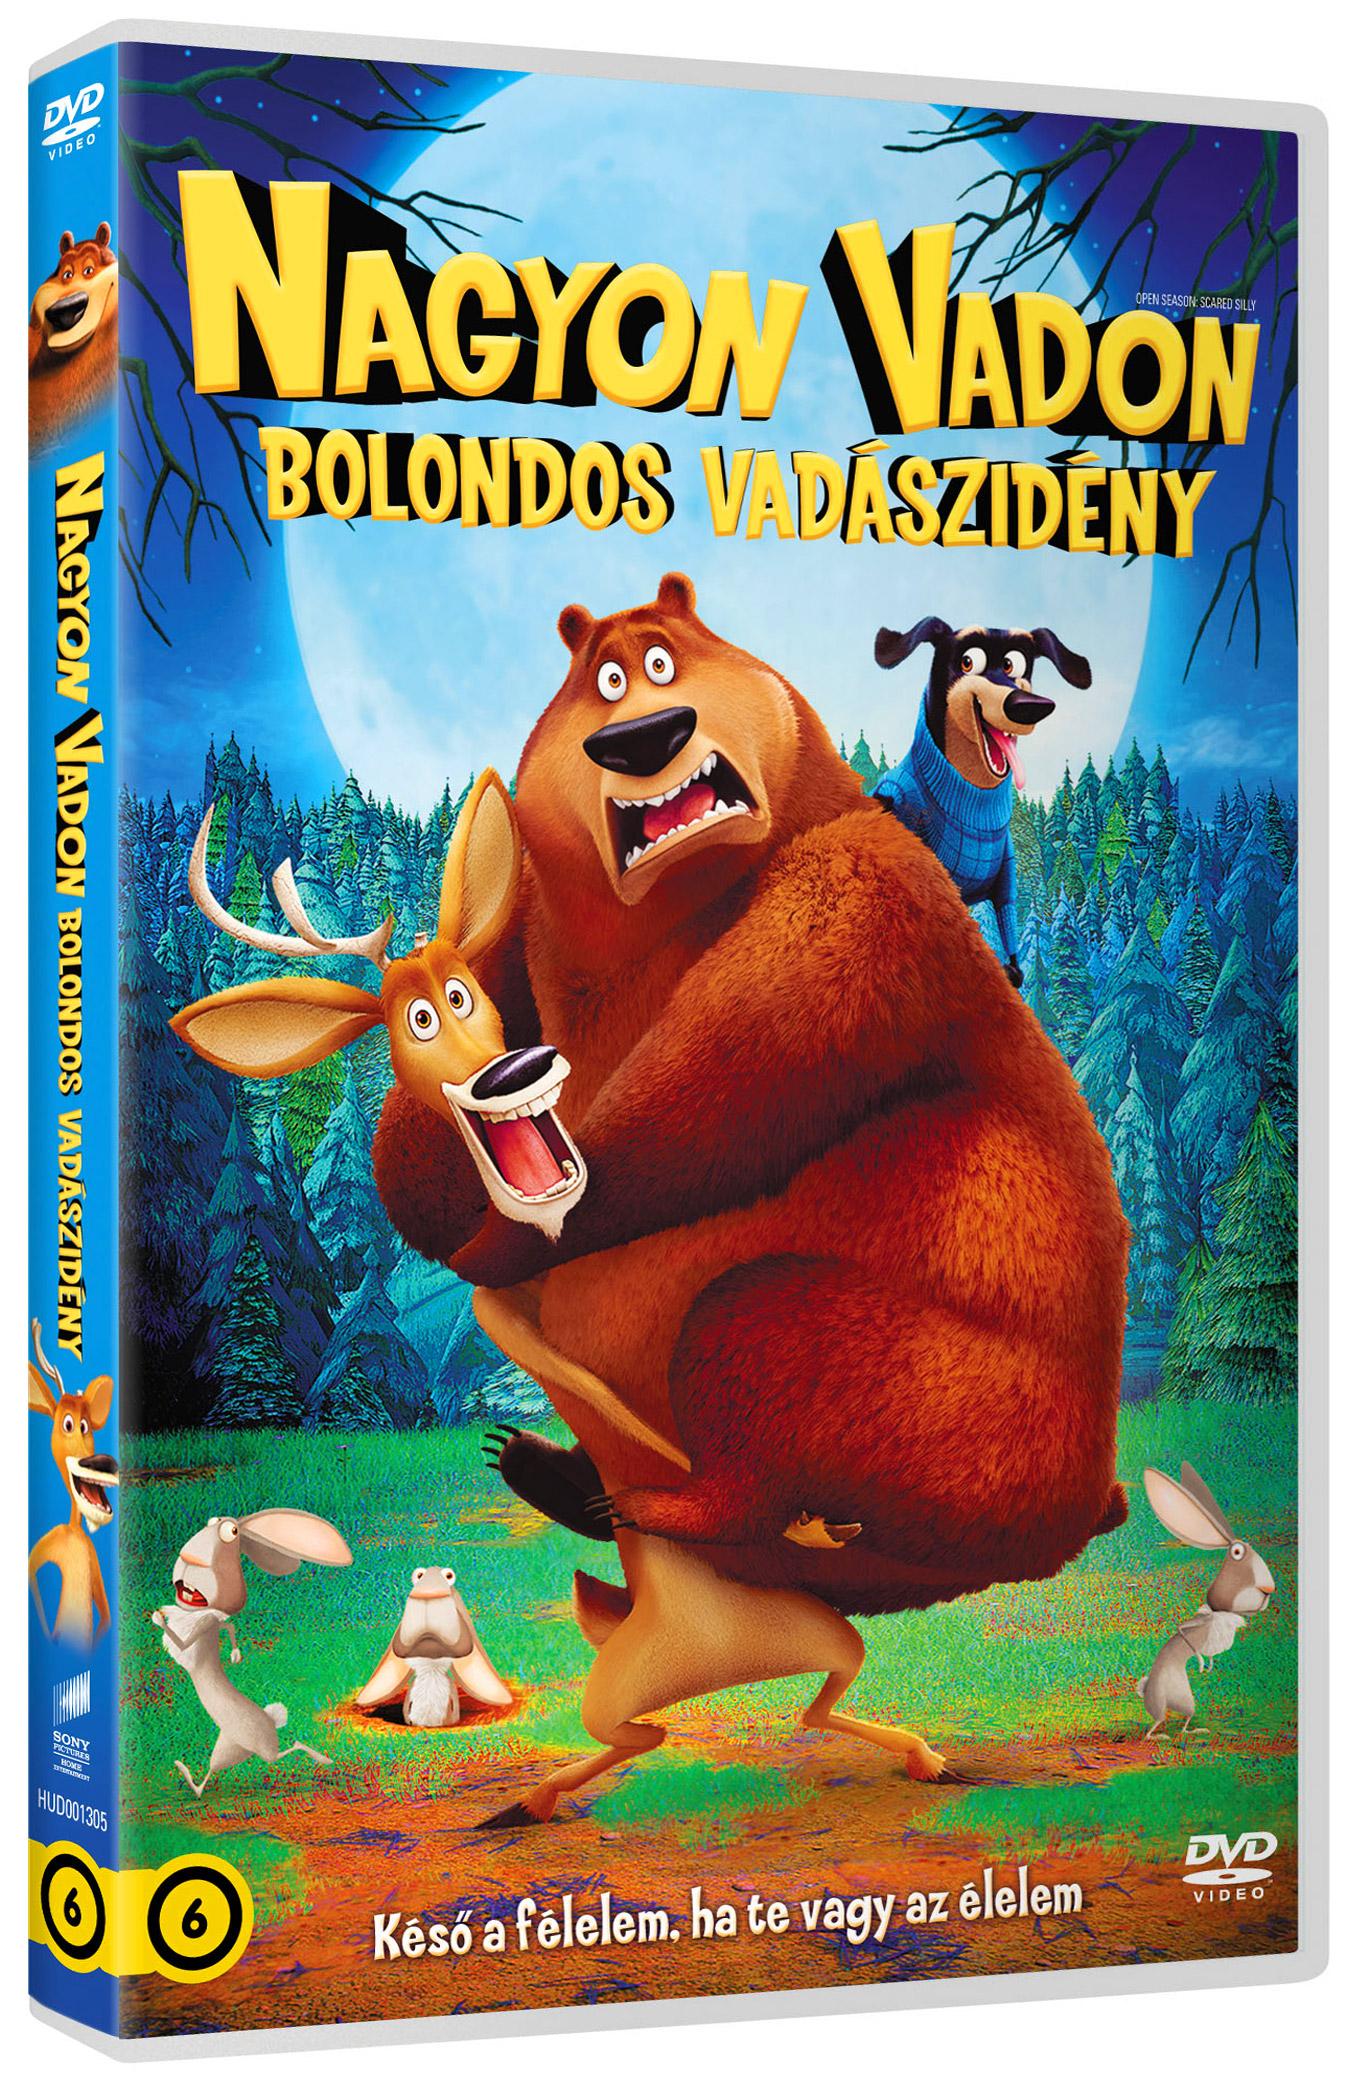 Nagyon vadon - Bolondos vad�szid�ny DVD